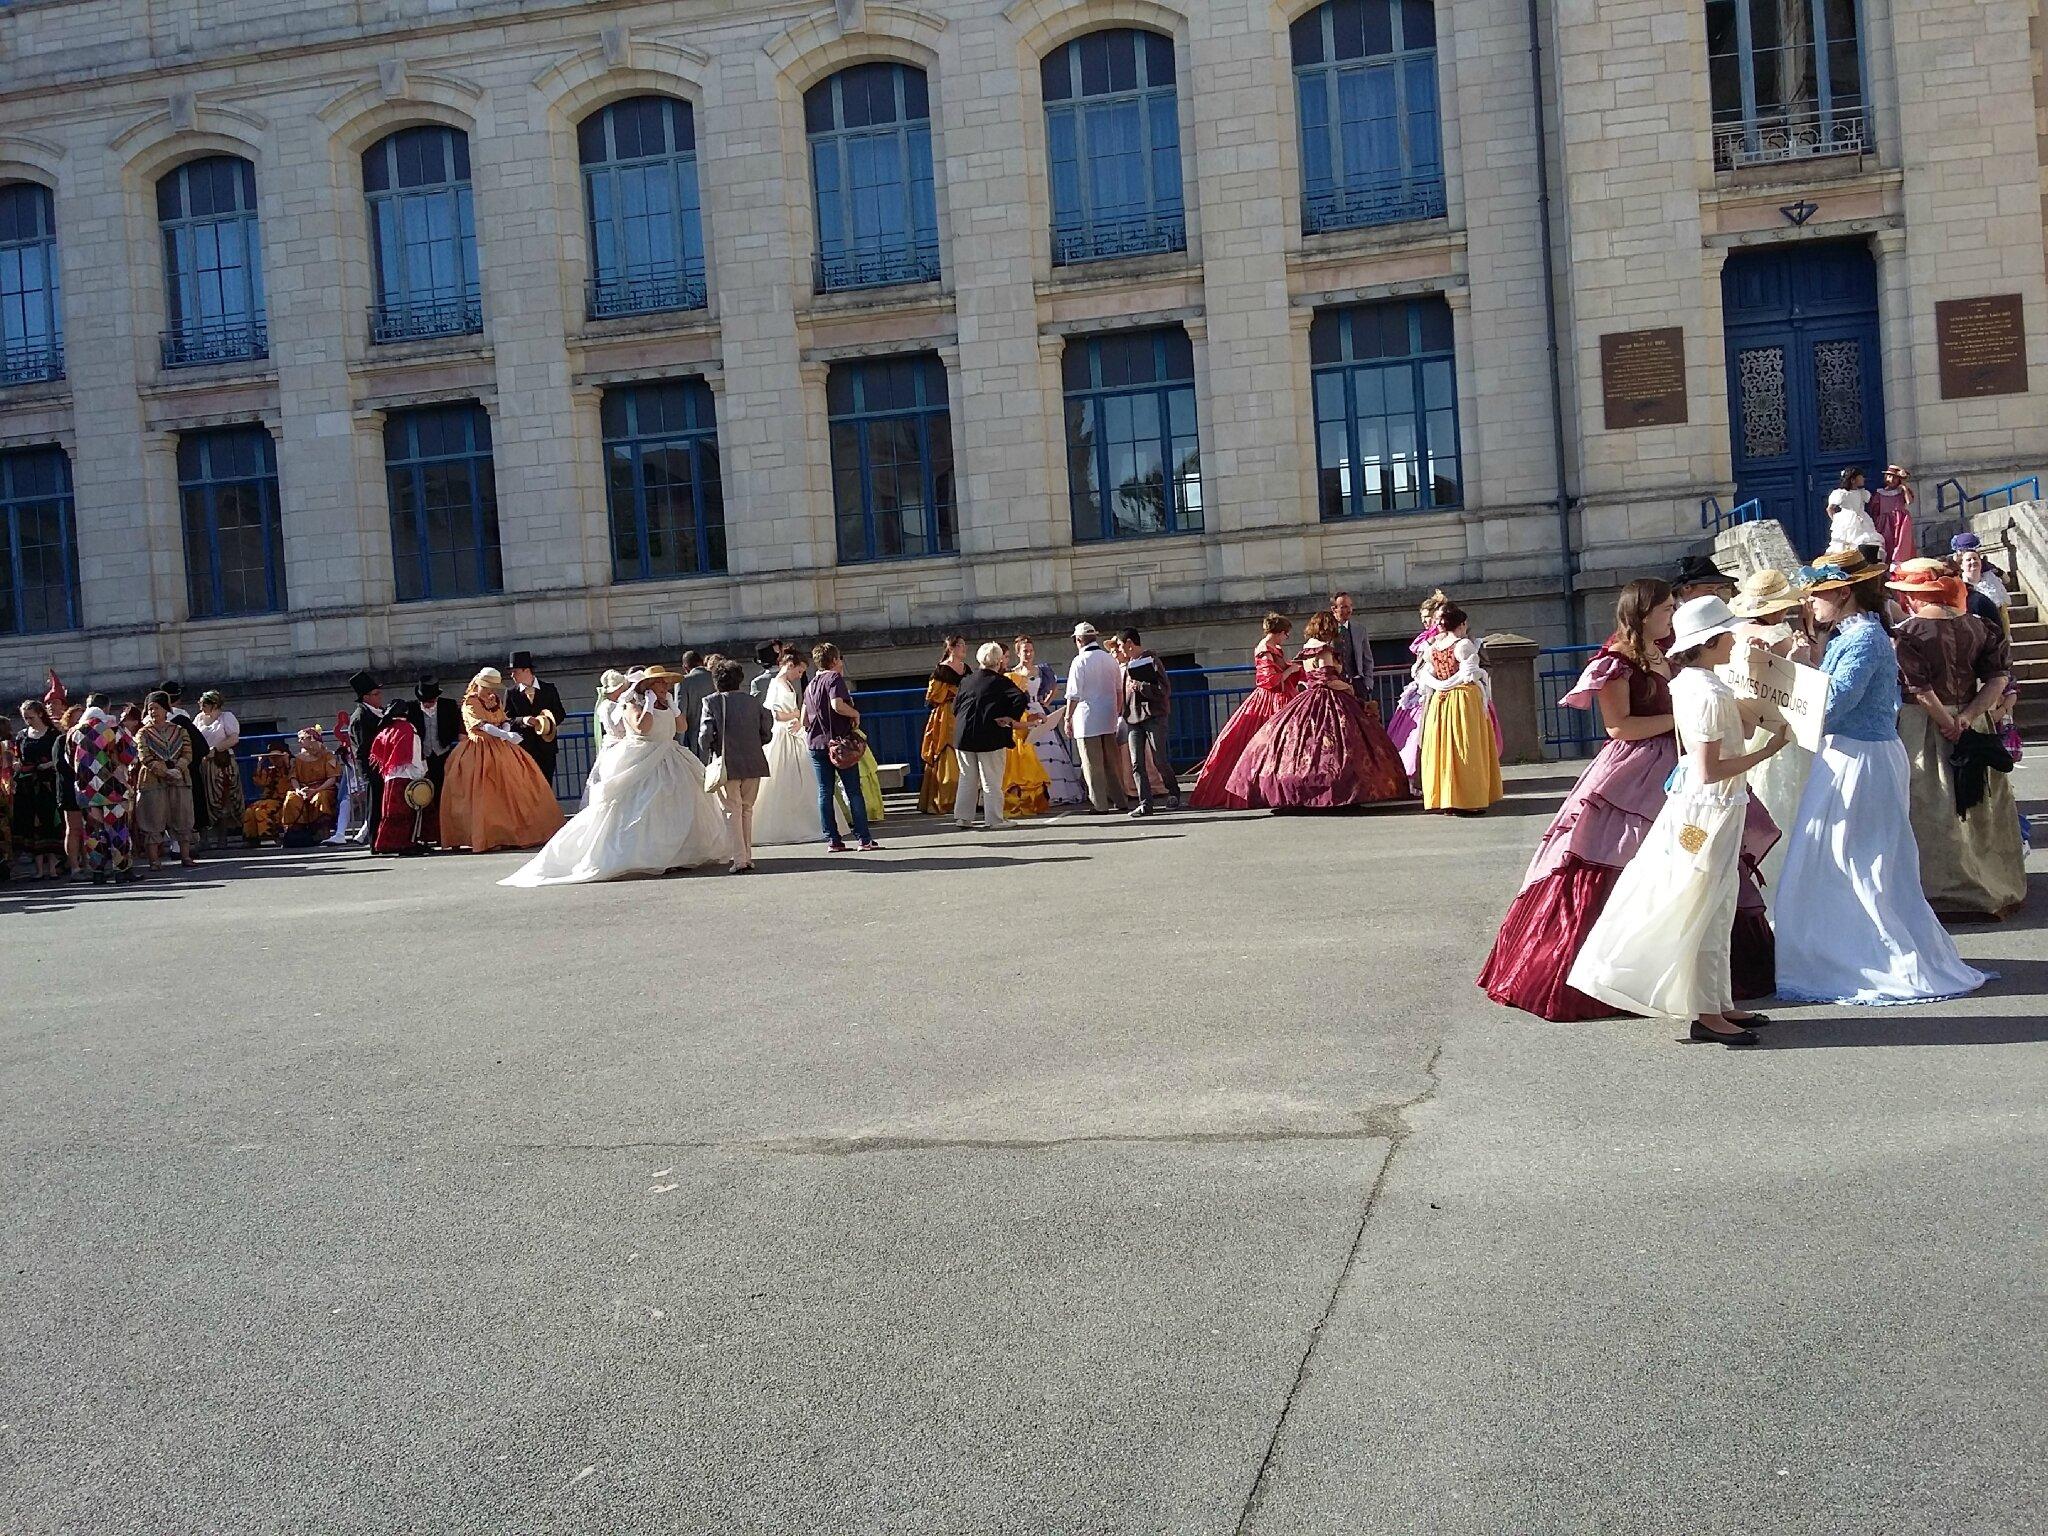 Fêtes historiques à Vannes (56) 2016